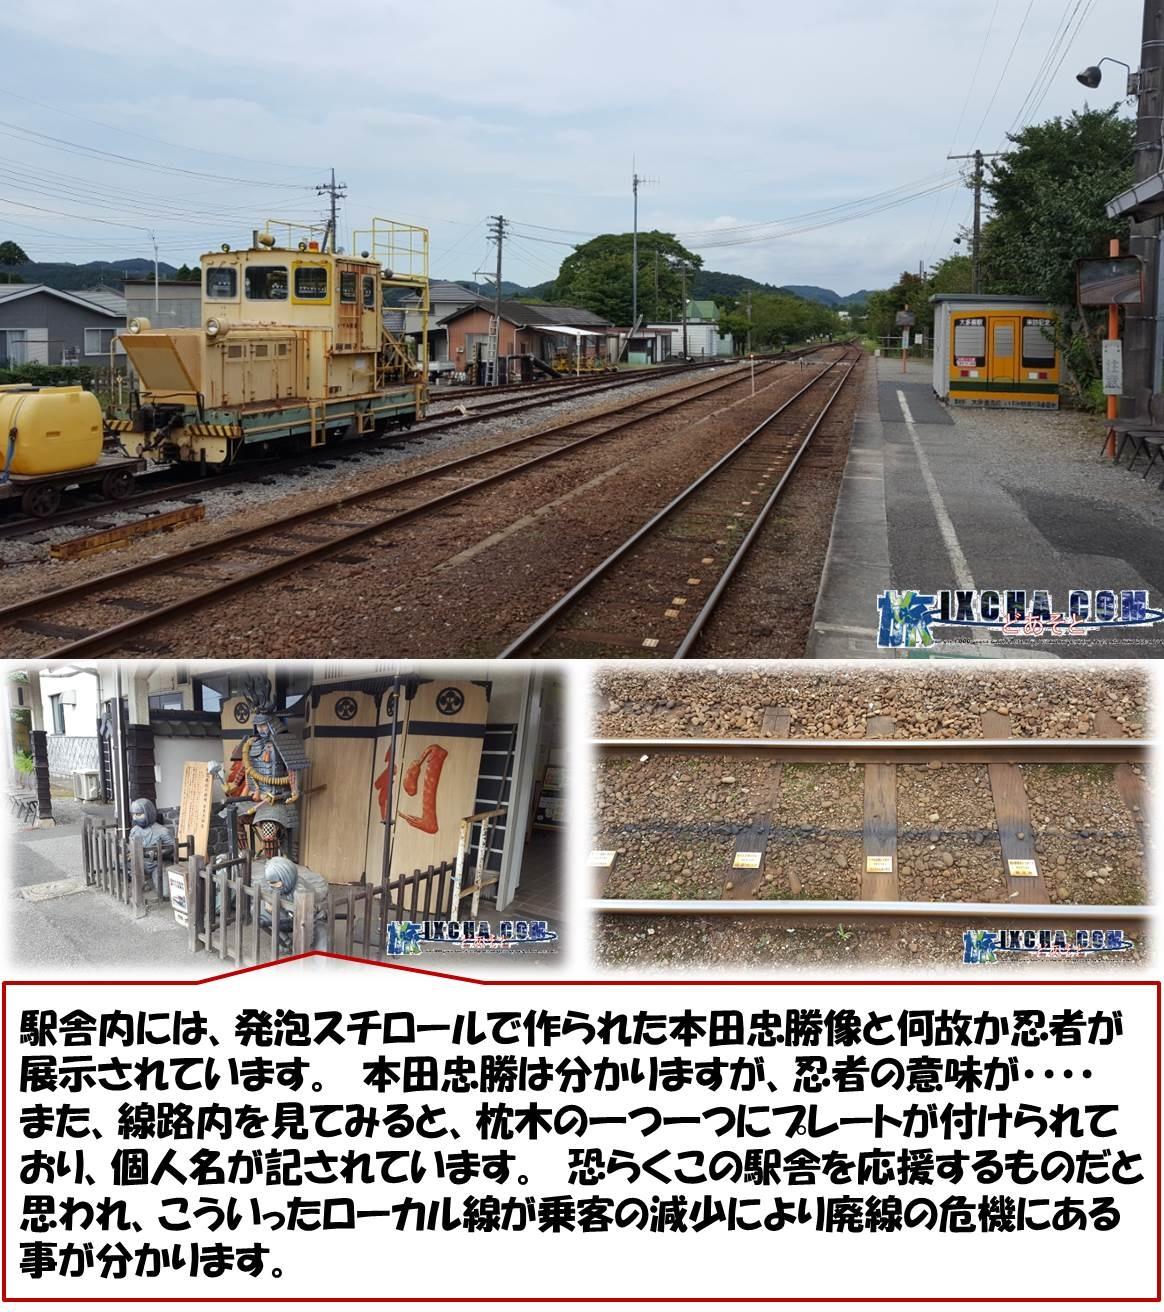 駅舎内には、発泡スチロールで作られた本田忠勝像と何故か忍者が展示されています。 本田忠勝は分かりますが、忍者の意味が・・・・ また、線路内を見てみると、枕木の一つ一つにプレートが付けられており、個人名が記されています。 恐らくこの駅舎を応援するものだと思われ、こういったローカル線が乗客の減少により廃線の危機にある事が分かります。